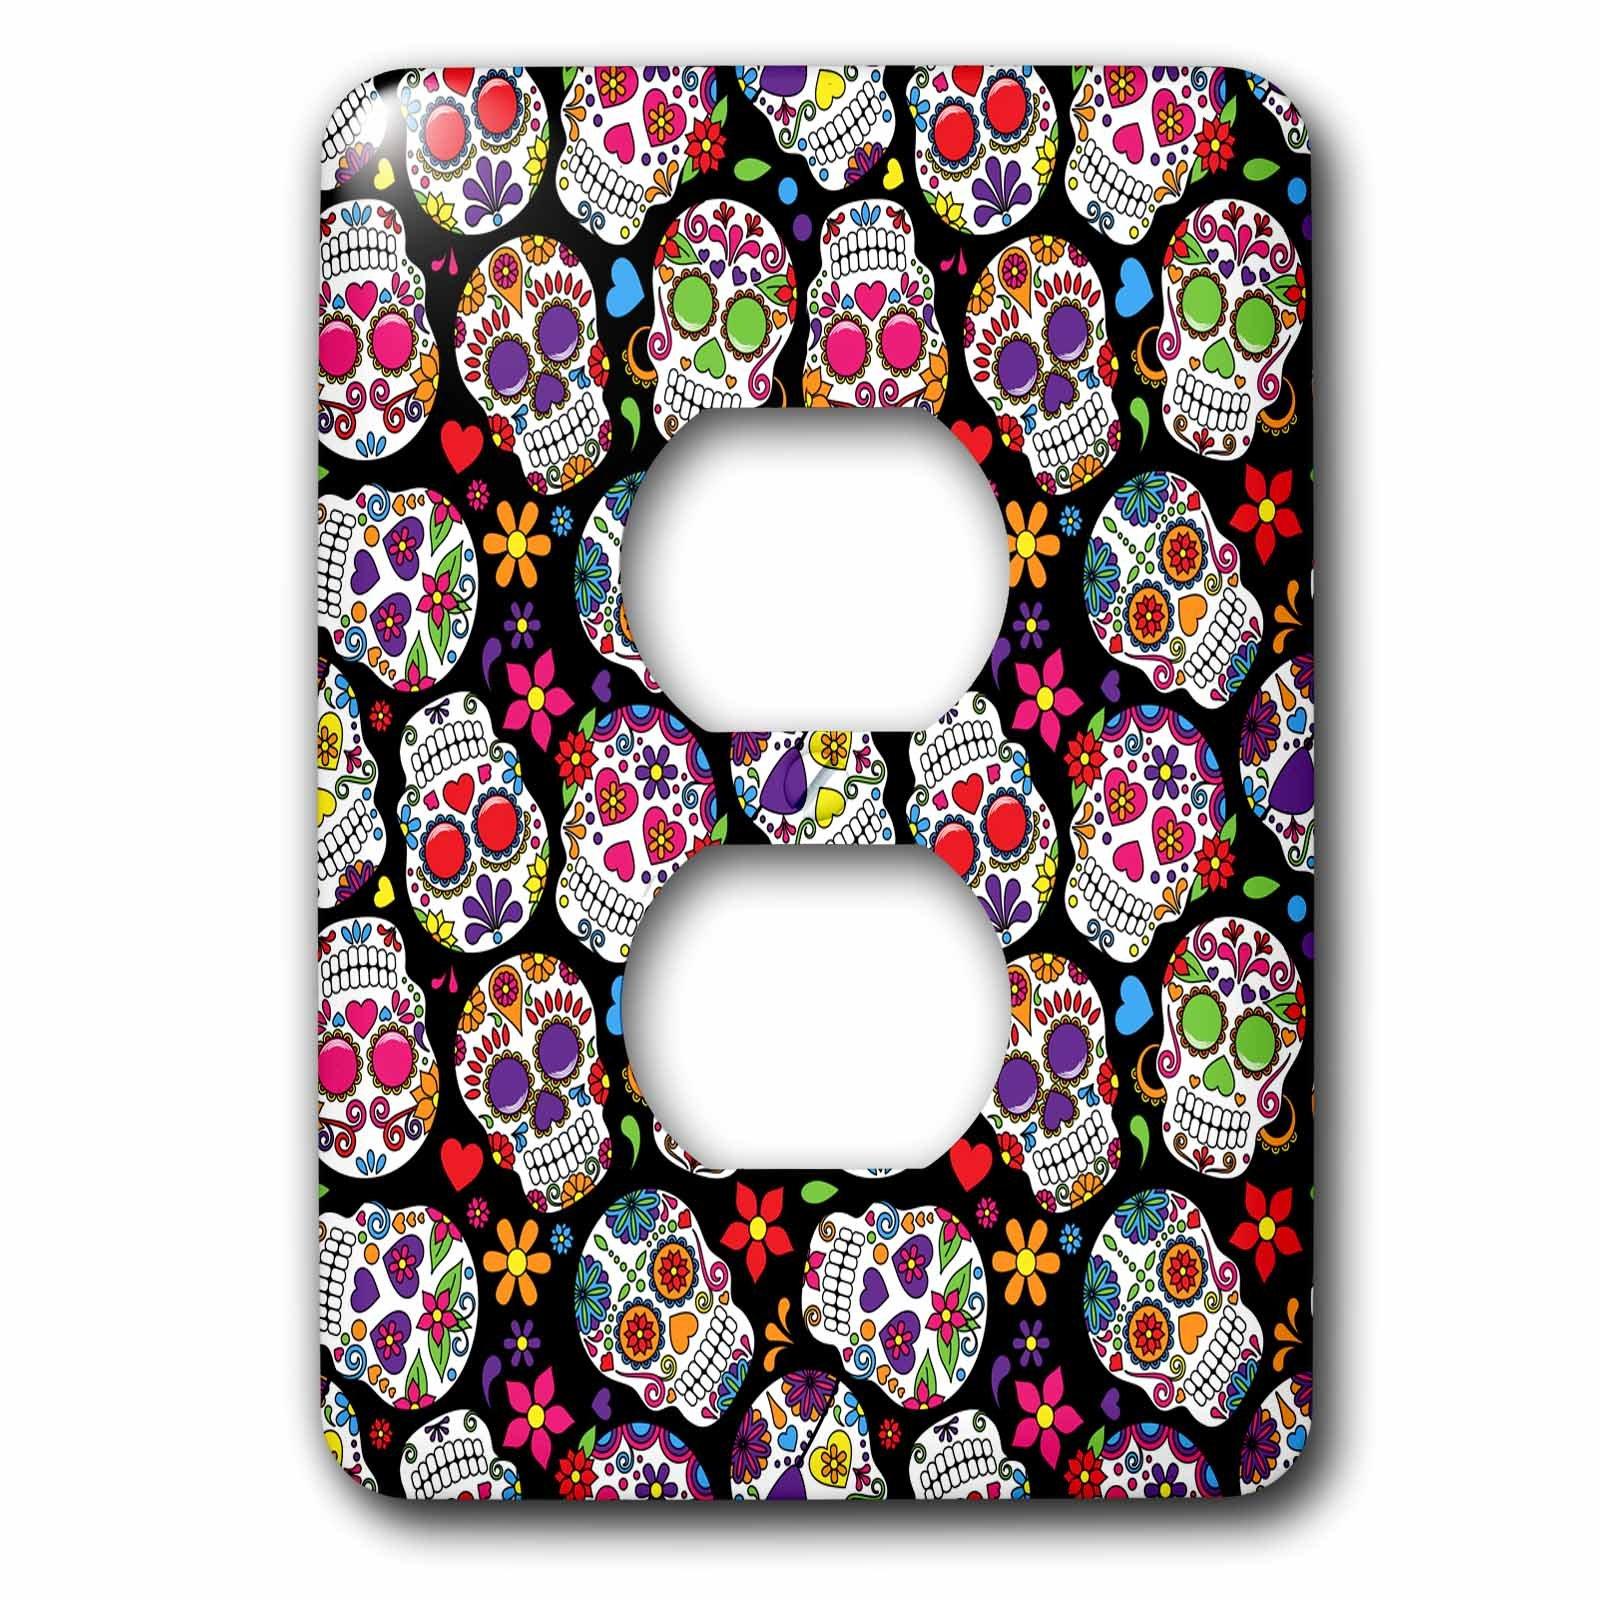 3dRose lsp_216983_6 Colorful Tossed Sugar Skulls Pattern 2 Plug Outlet Cover